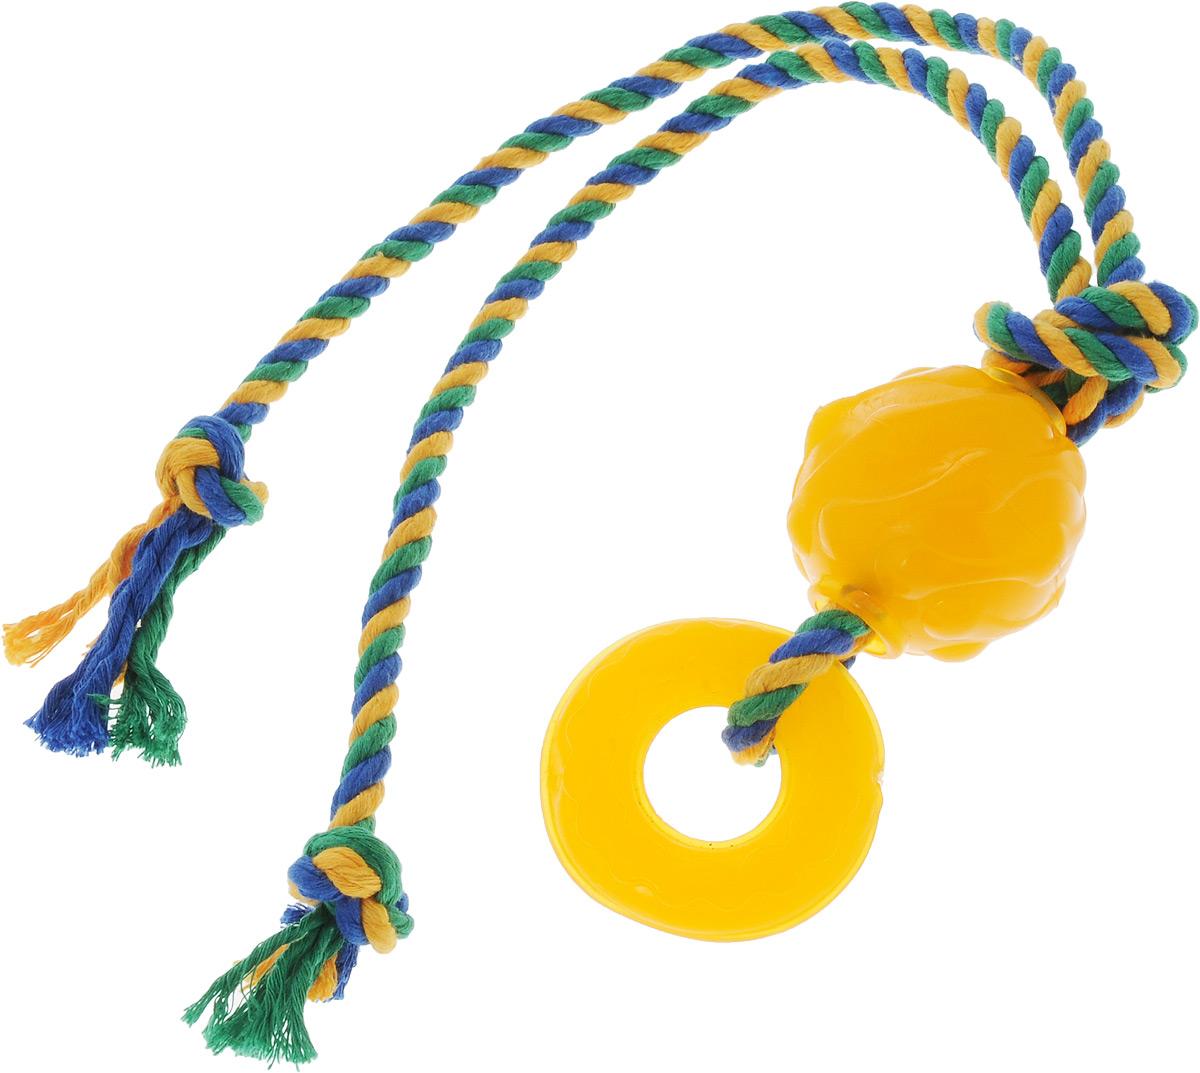 Игрушка для собак Doglike Комета, с канатом, длина 60 смD12-1115Игрушка Doglike Комета служит для массажа десен и очистки зубов от налета и камня, а также снимает нервное напряжение. Игрушка выполнена из резины в виде кольца и шара с нанизанным текстильным канатом. Она прочная и может выдержать огромное количество часов игры. Это идеальная замена косточке. Если ваш пес портит мебель, излишне агрессивен, непослушен или страдает излишним весом то, скорее всего, корень всех бед кроется в недостаточной физической и эмоциональной нагрузке. Порадуйте своего питомца прекрасным и качественным подарком. Размер резиновых игрушек: 7 х 7 х 2 см; 6 х 6 х 6 см. Длина игрушки: 60 см.